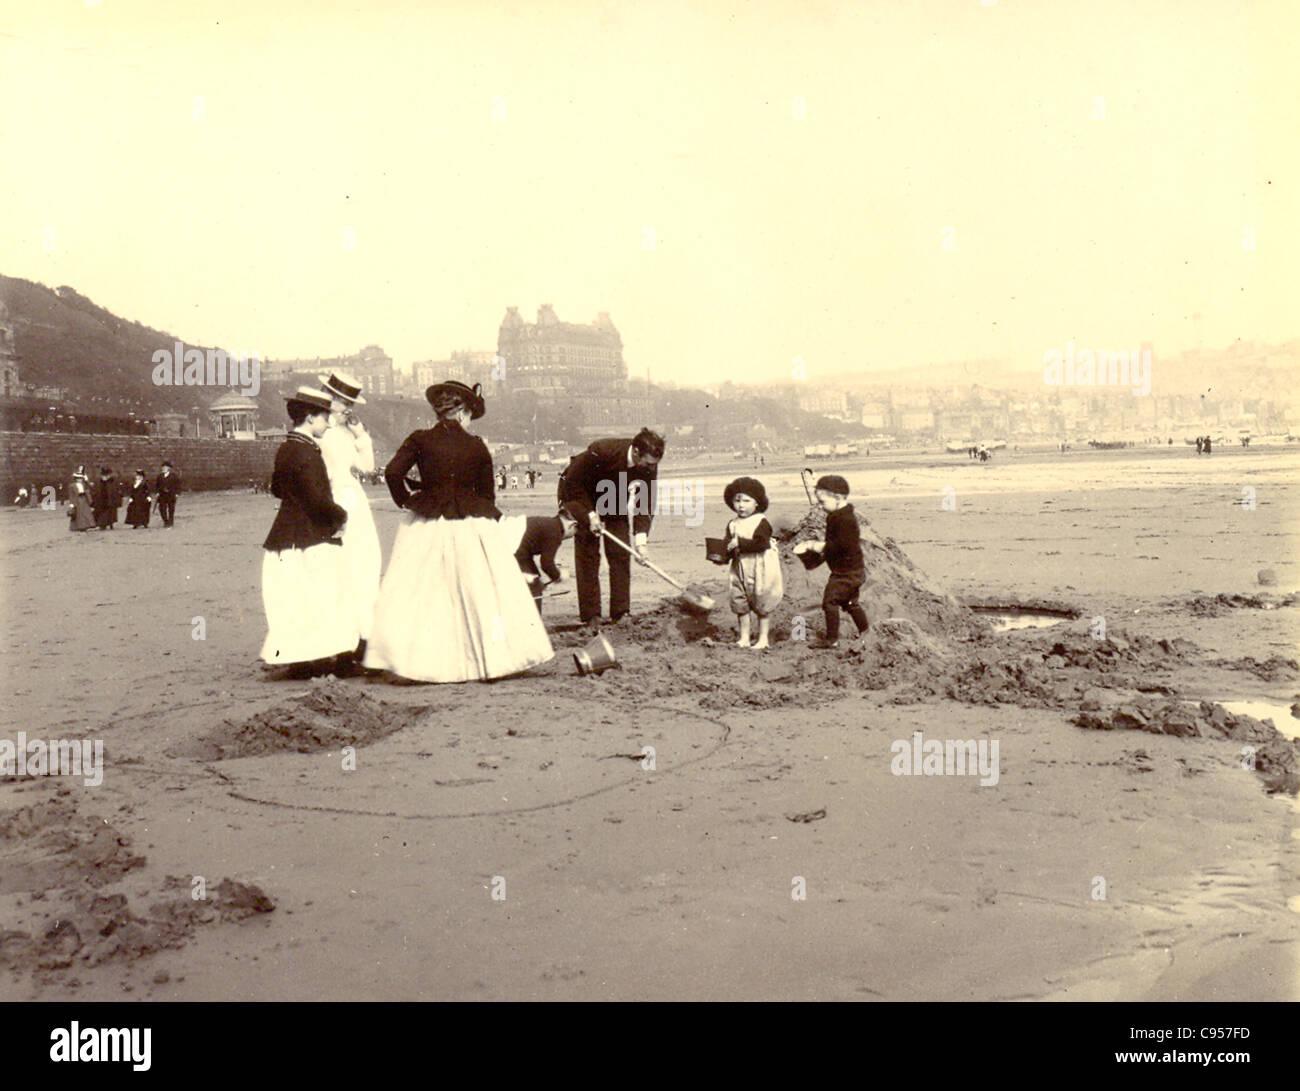 La excavación de castillos de arena en Scarborough sands Imagen De Stock